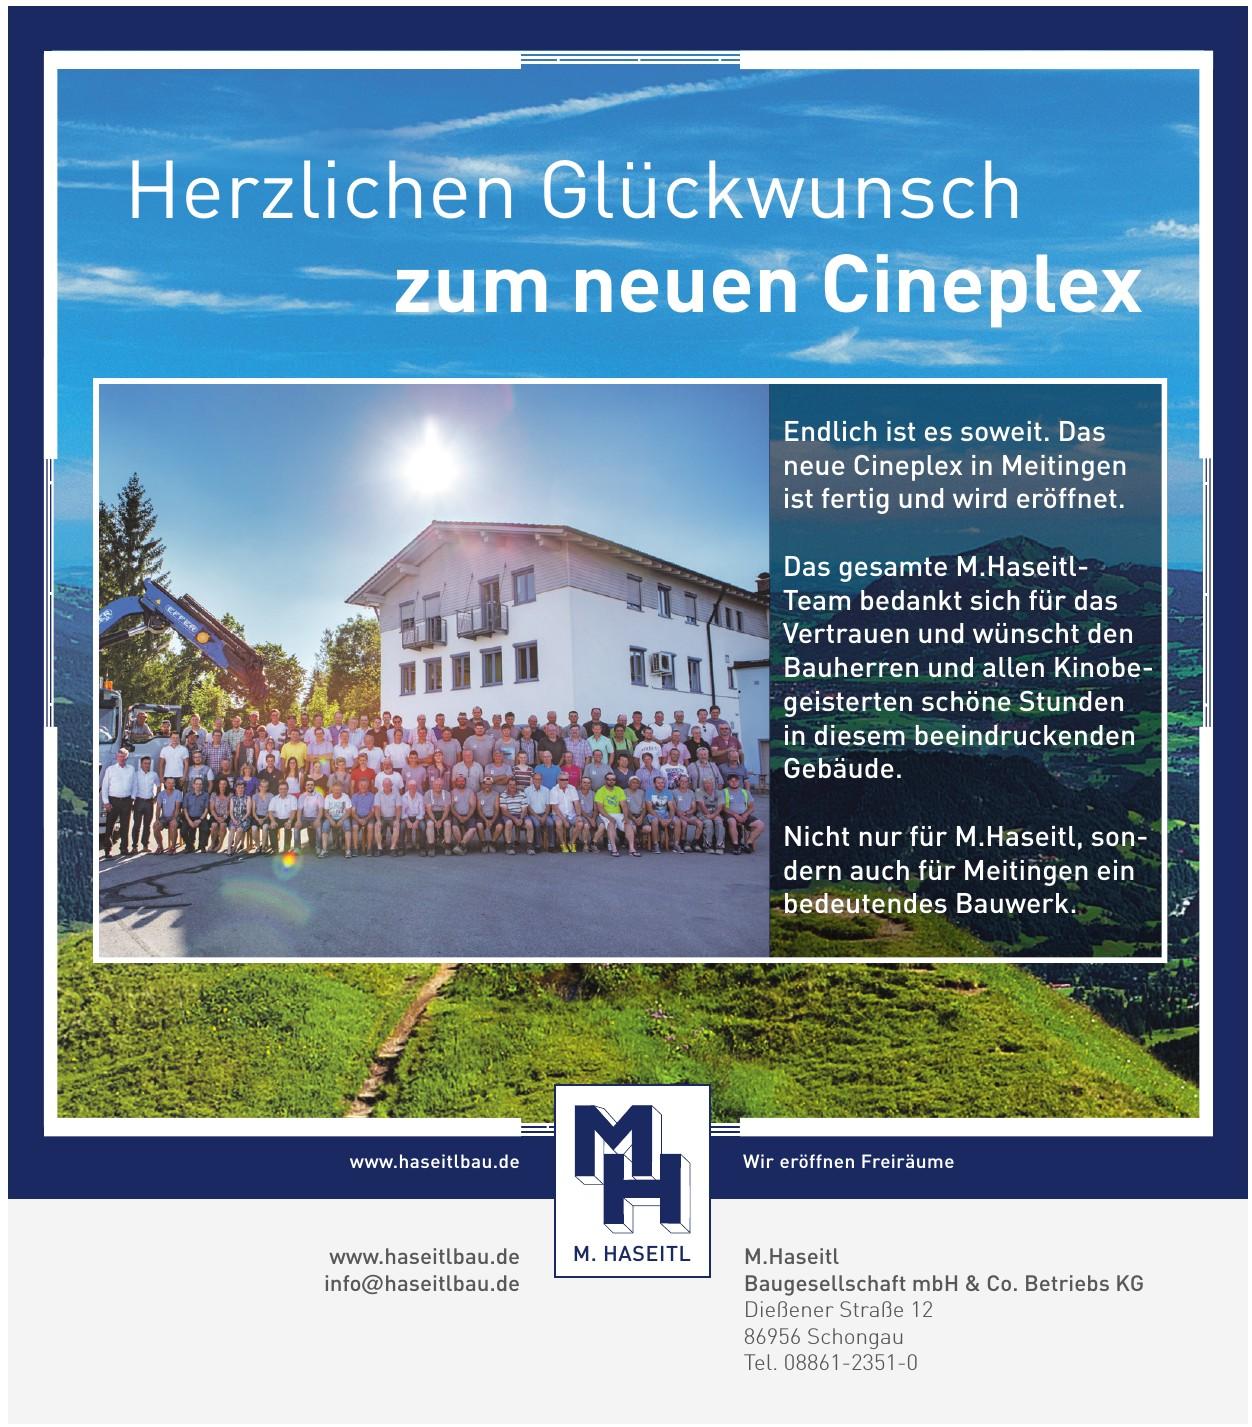 M.Haseitl Baugesellschaft mbH & Co. Betriebs KG